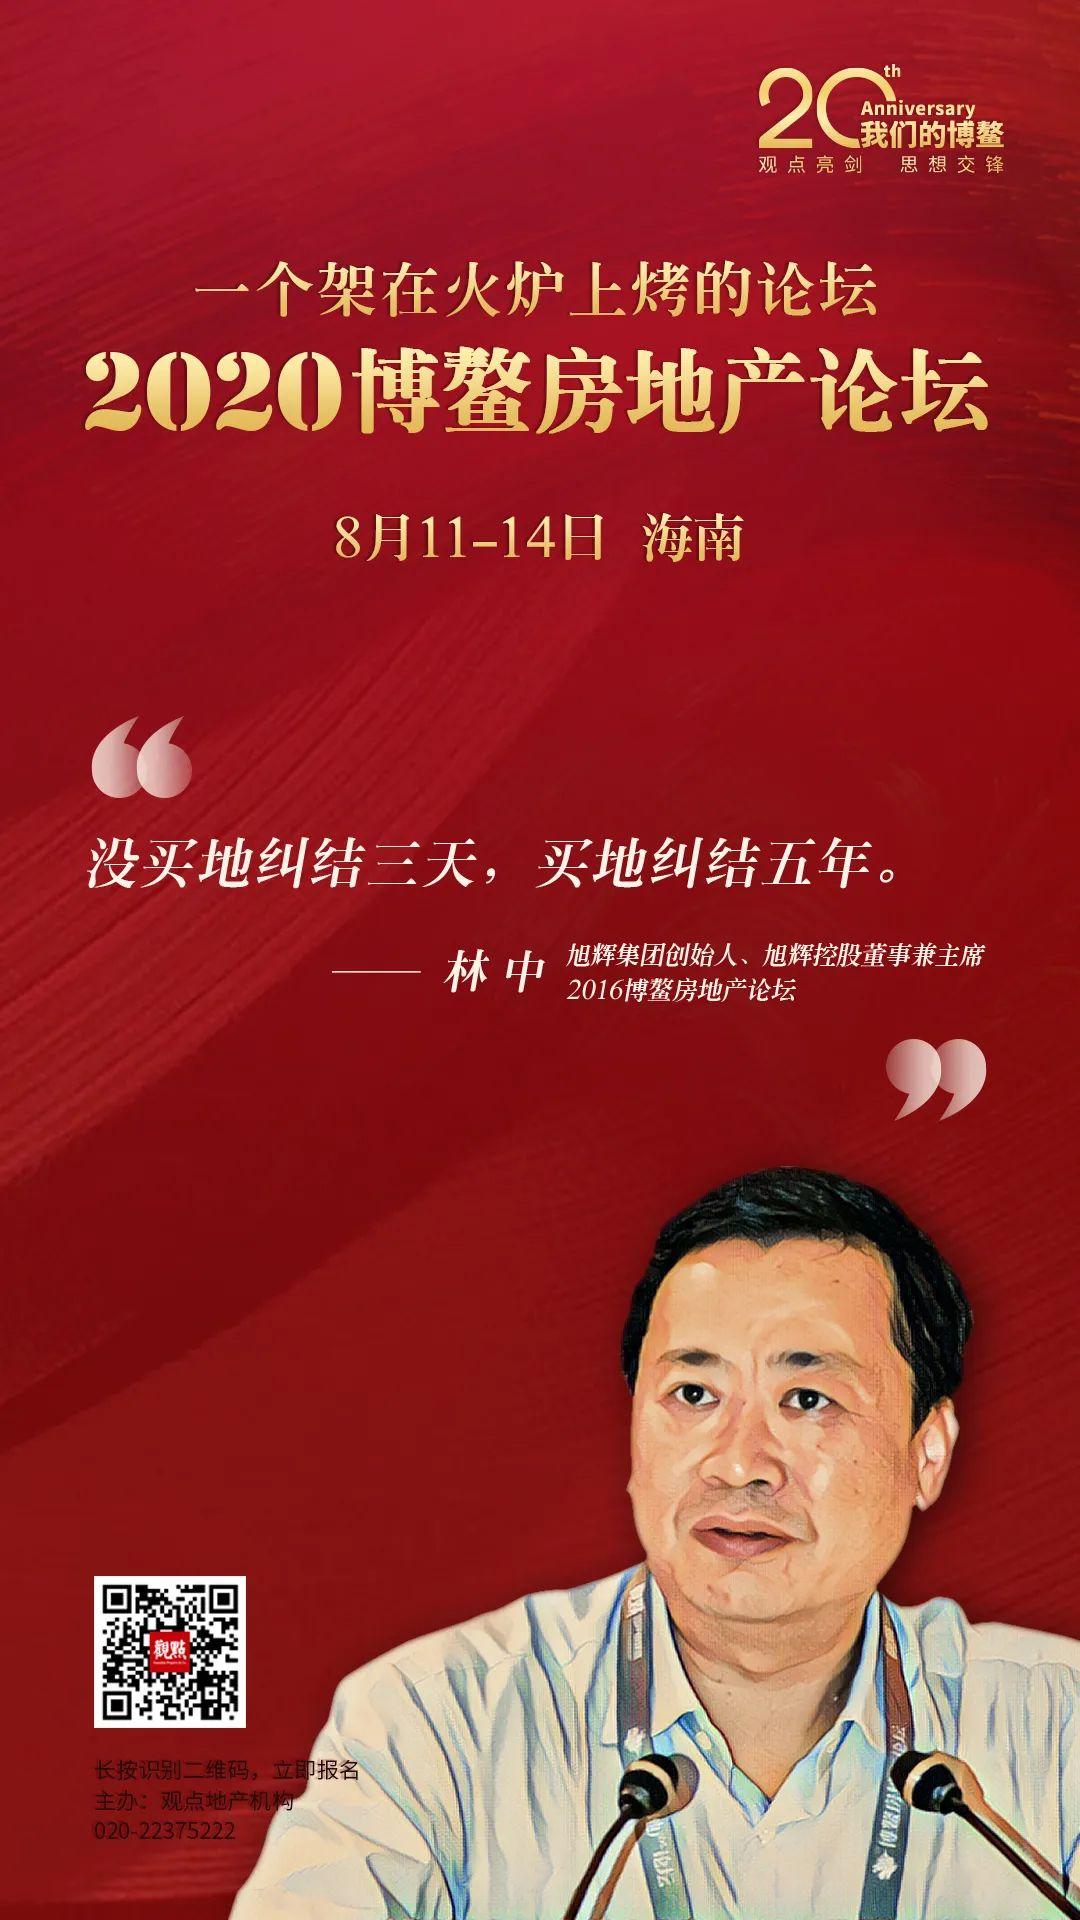 资本圈 | 融创拟发10亿美元票据 中国建筑国际100亿债获批